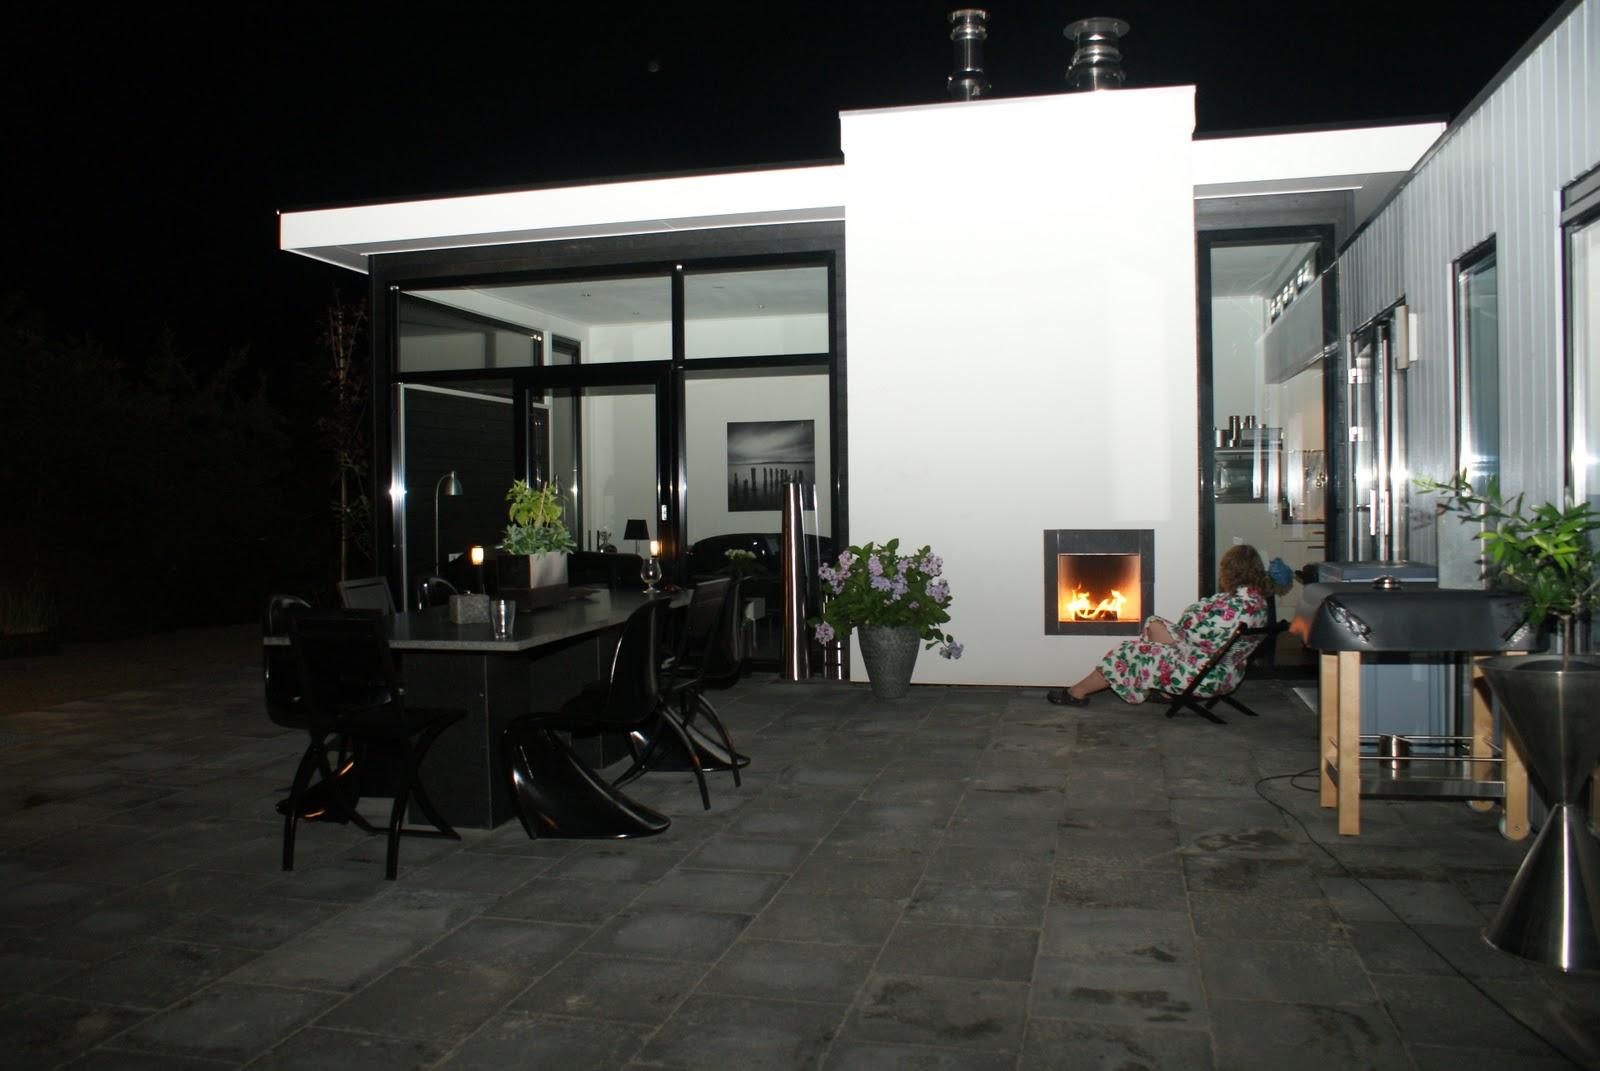 Buitenkeuken Te Koop : Het vakantiehuis heeft een buitenkeuken en een buiten open haard.